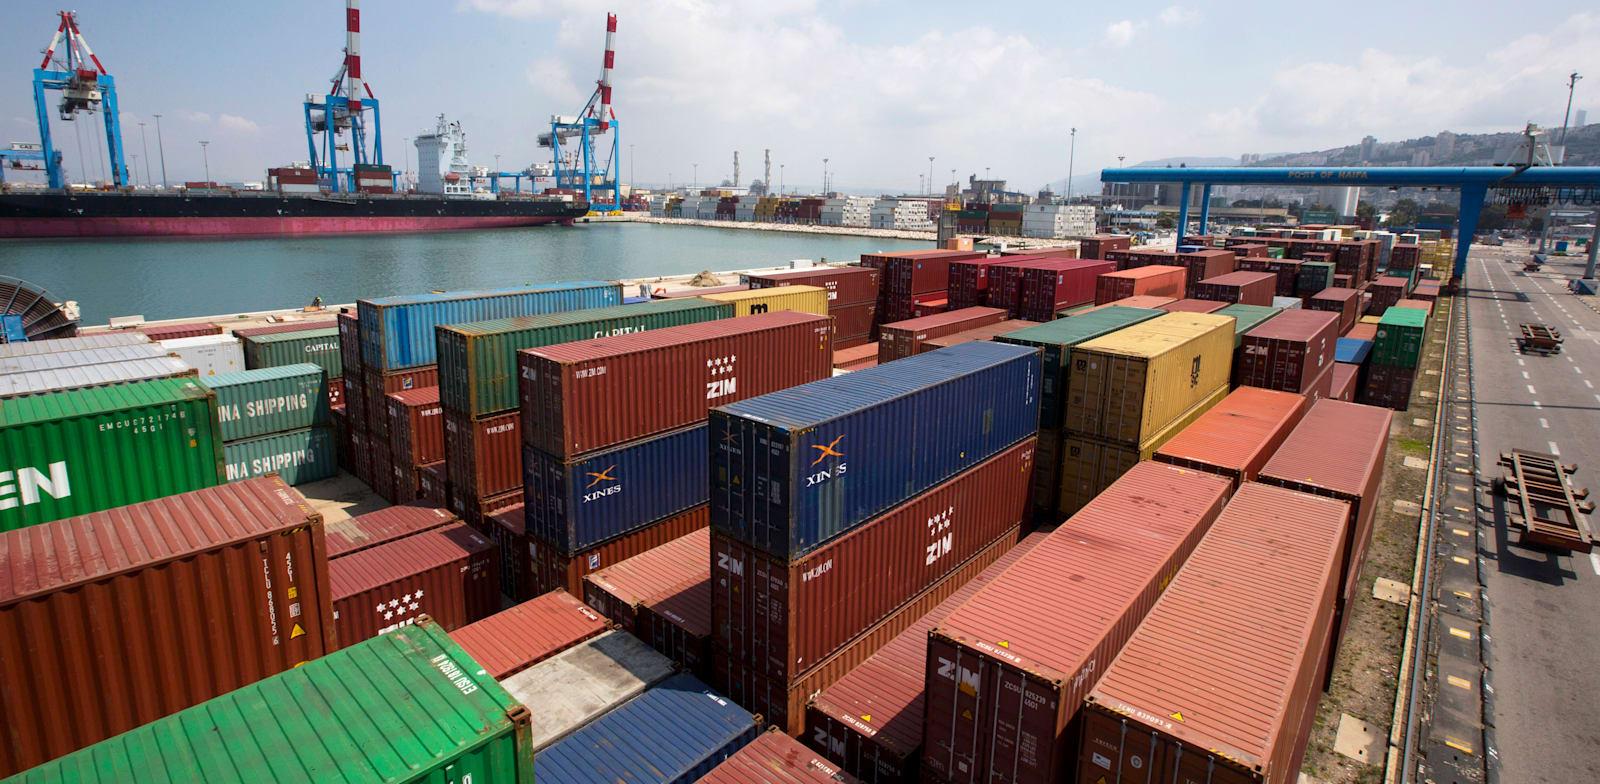 מכולות בנמל חיפה. יצוא הסחורות של ישראל קטן ב־4% ב־2020 / צילום: Reuters, Ronen Zvulun